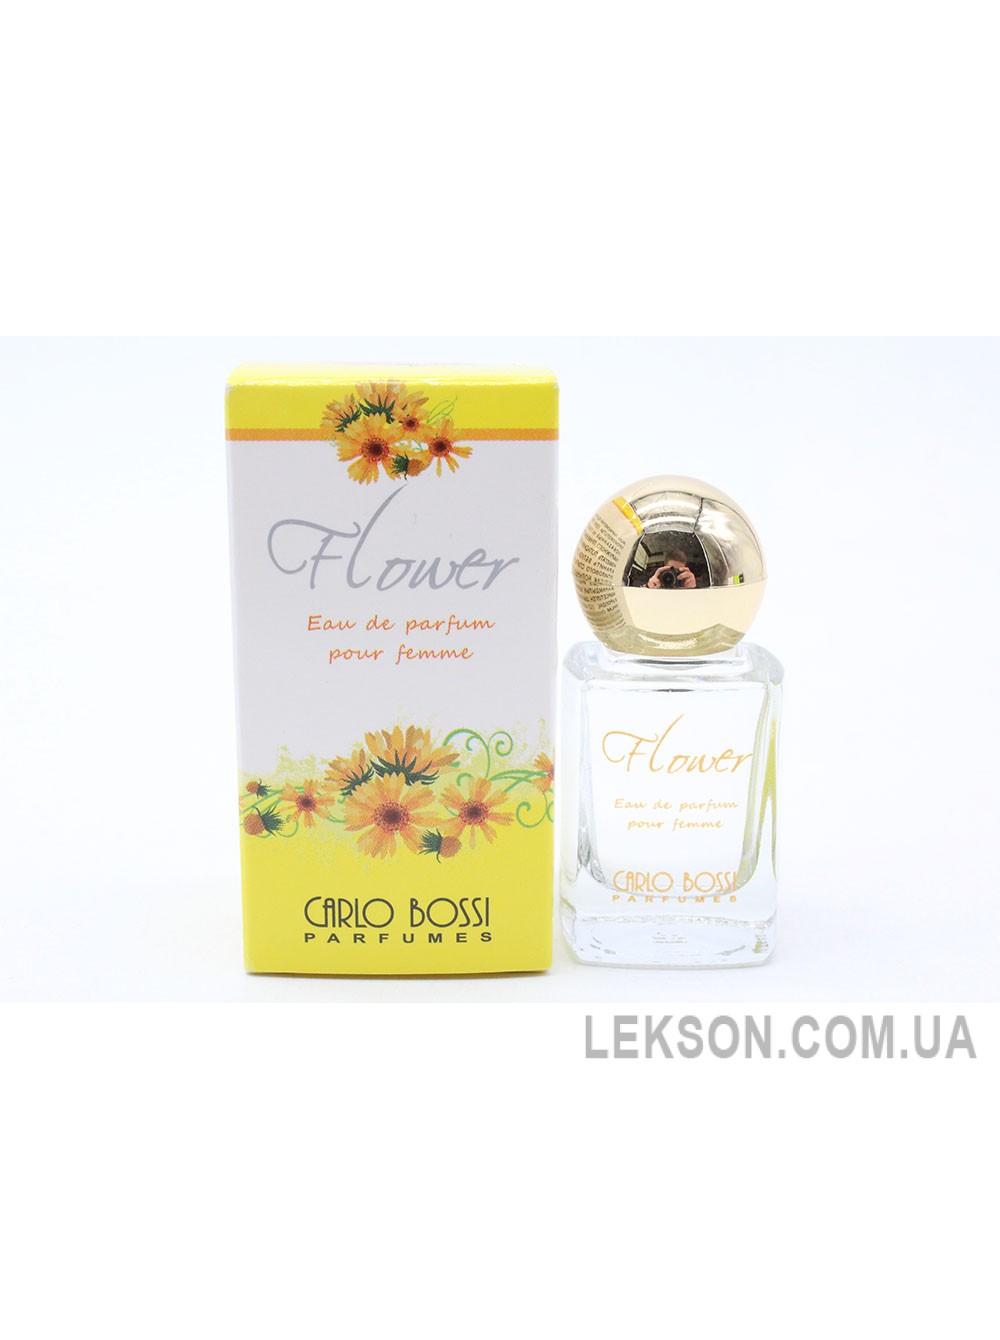 Женский парфюм тестер: CB-122089 10мл